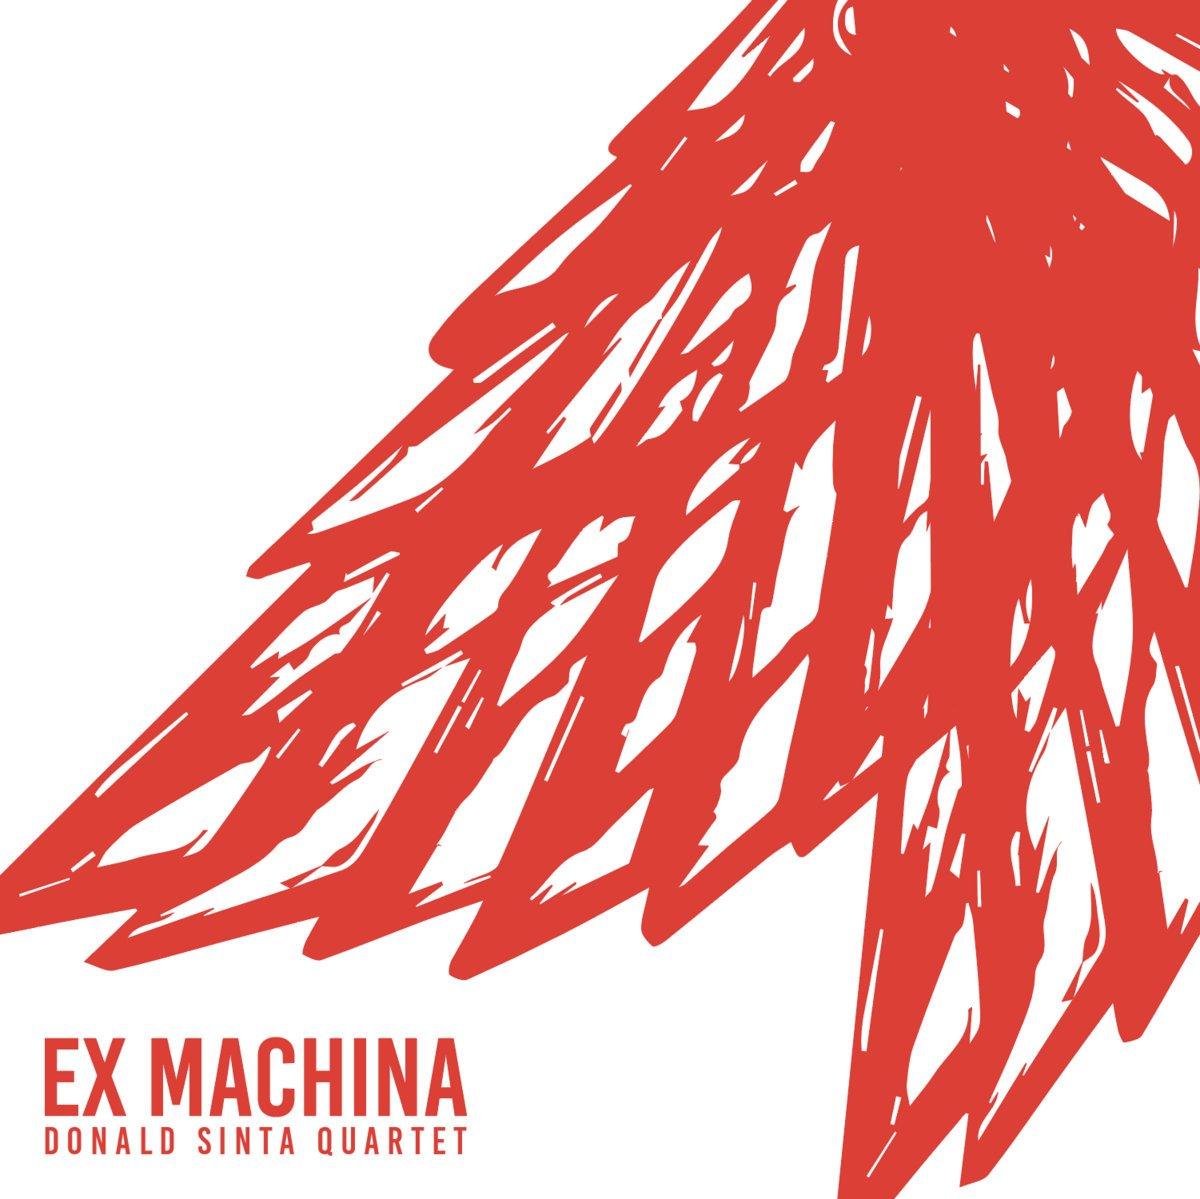 Donald Sinta Quintet Ex Machina